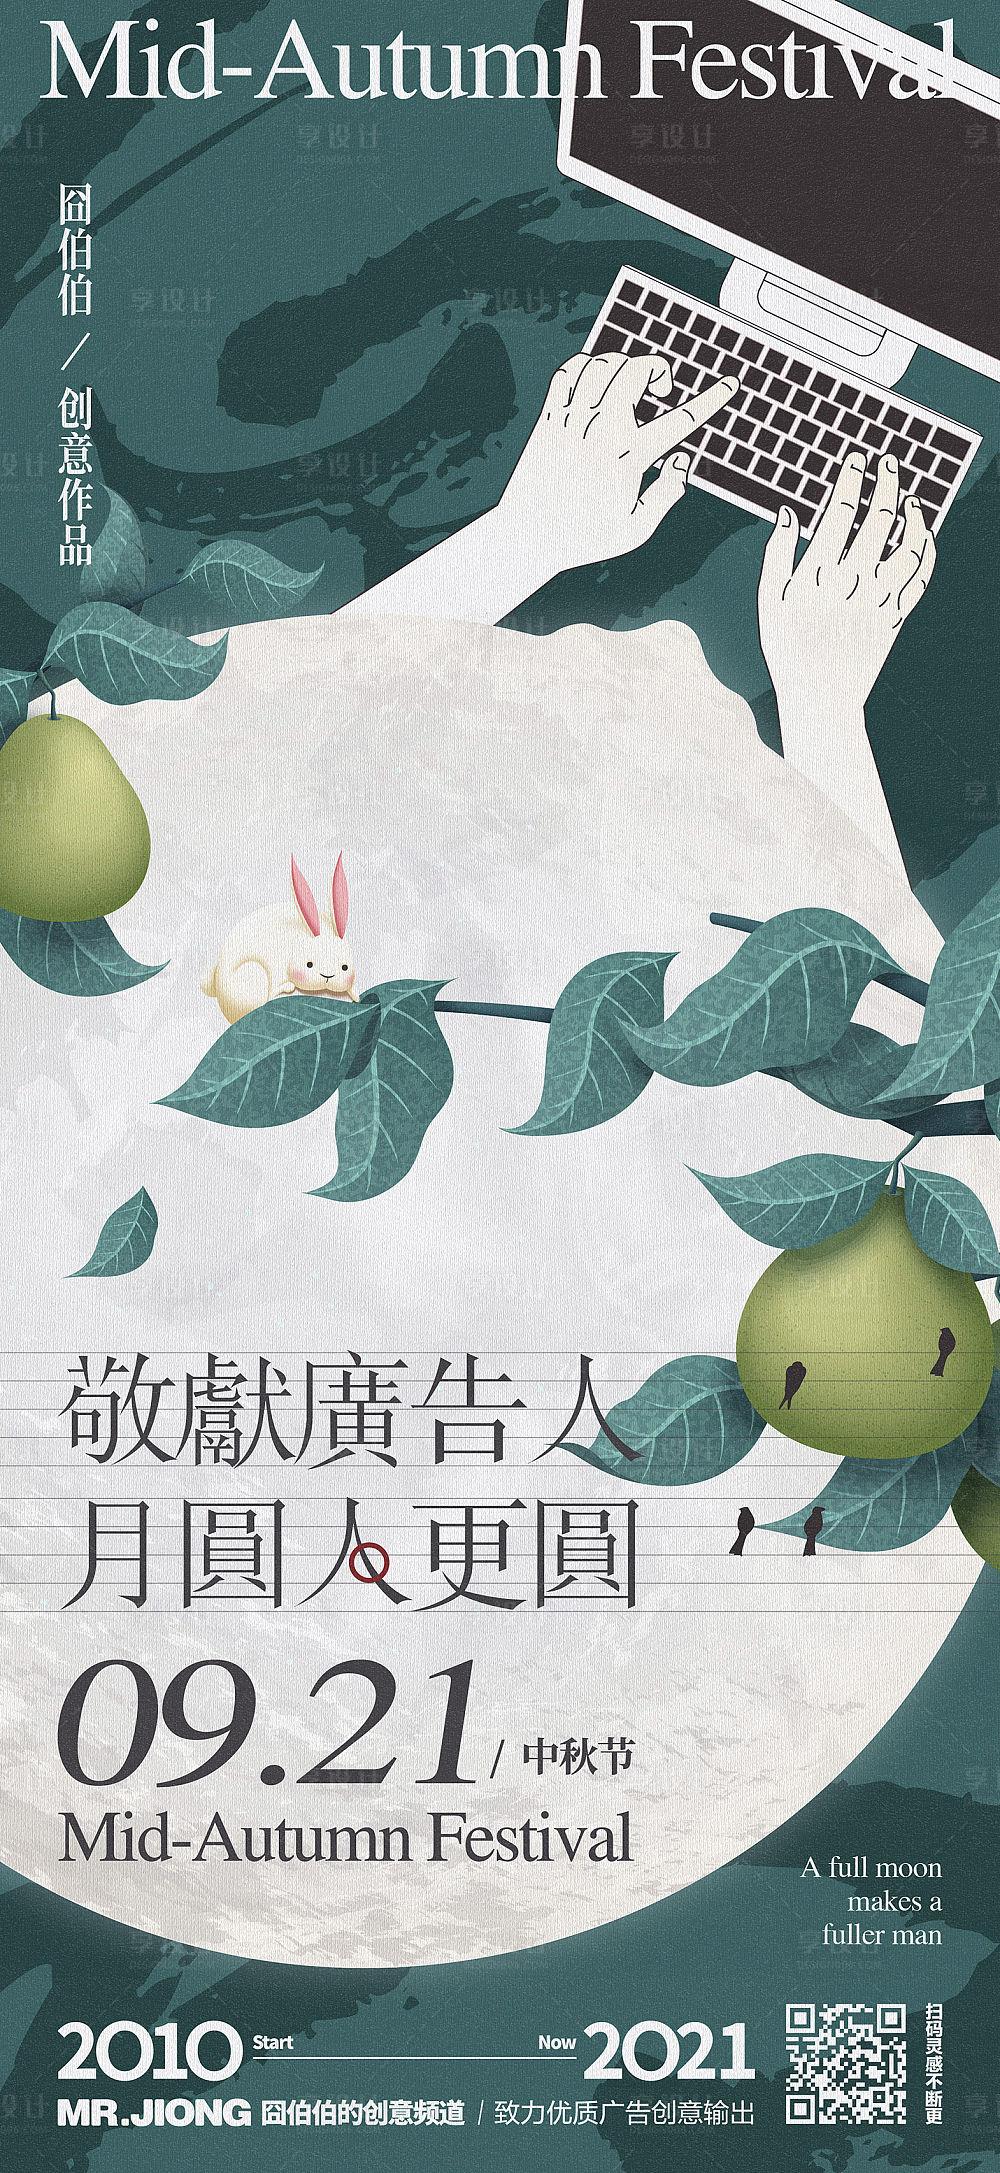 地产插画手绘节气中秋月亮玉兔创意广告-源文件